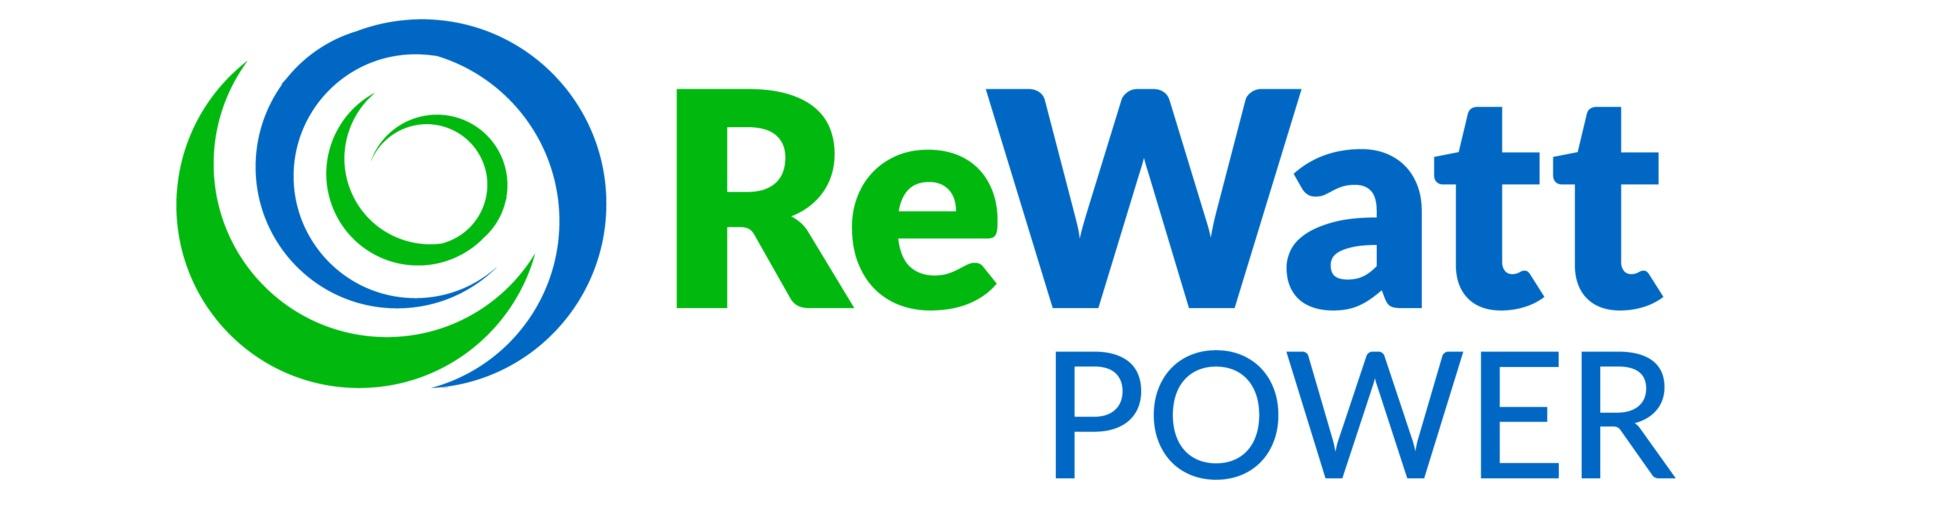 Rewatt+%232.jpg